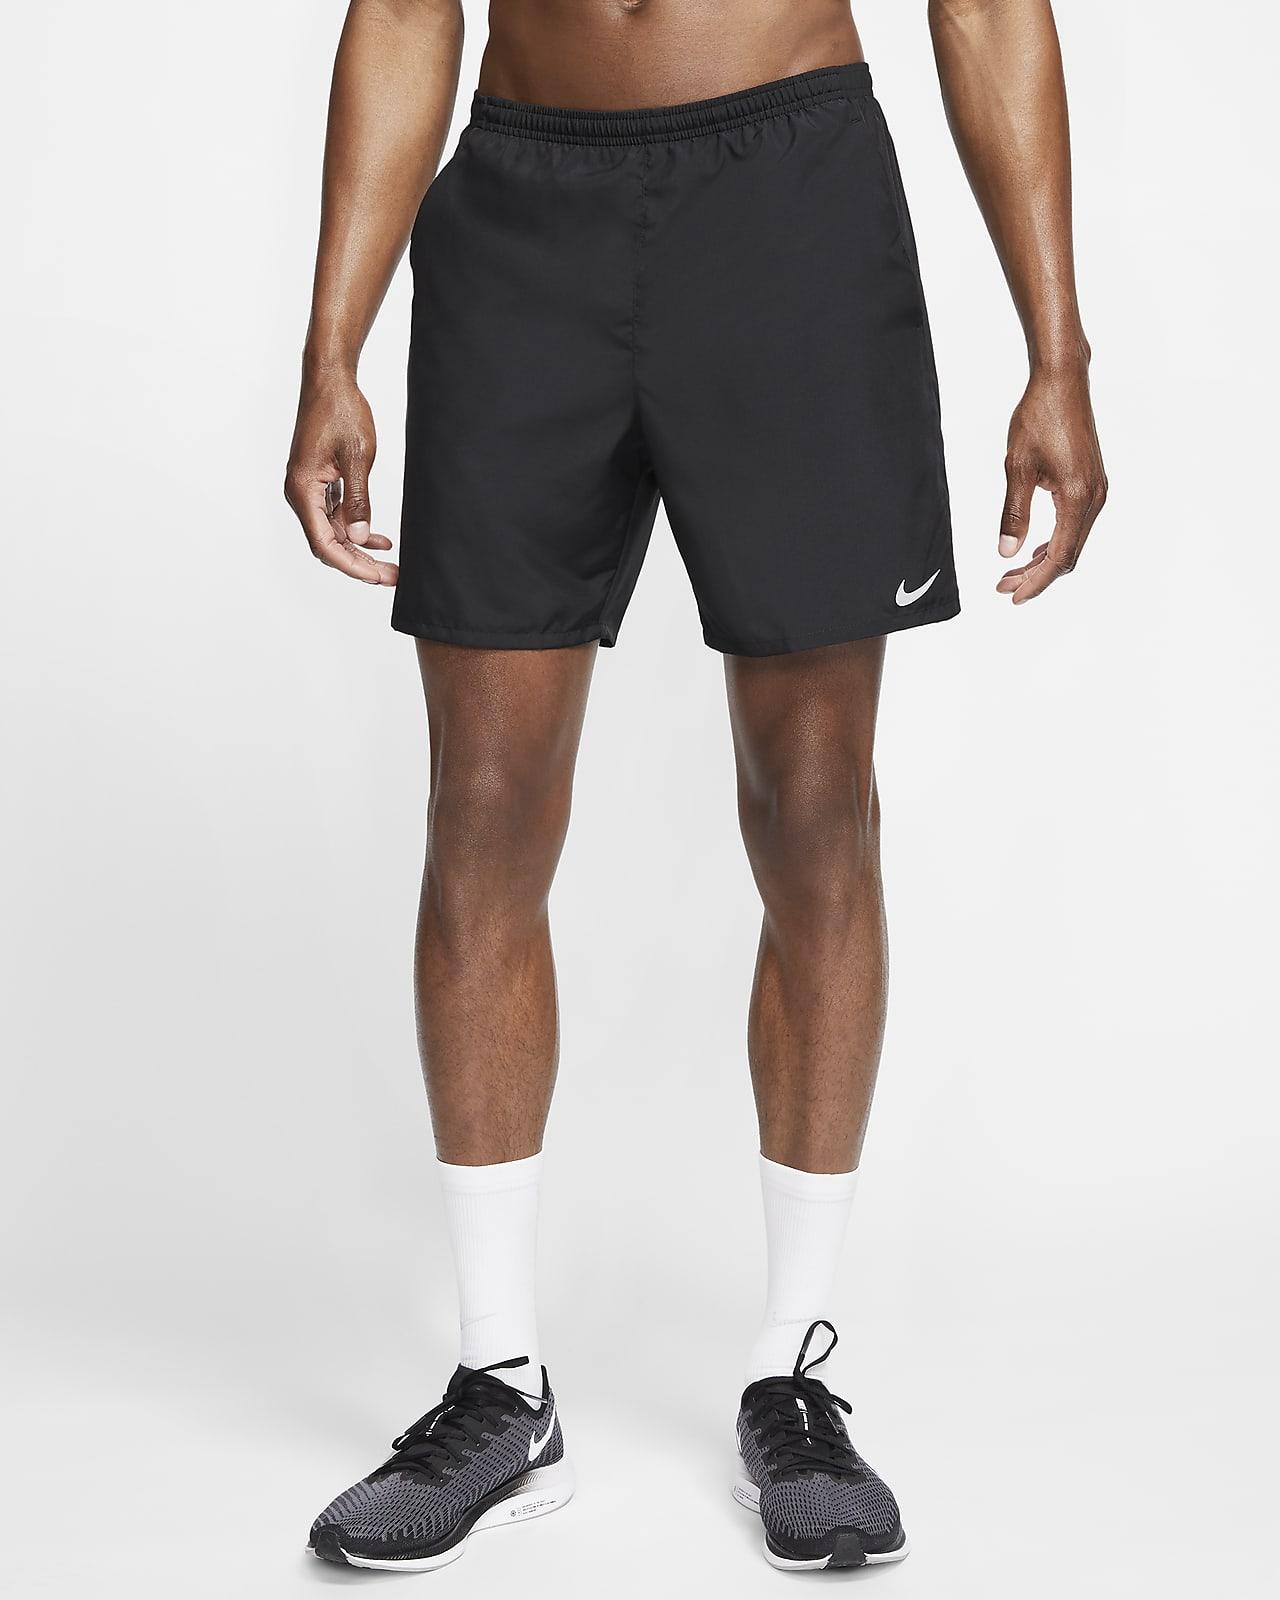 Мужские беговые шорты Nike Dri-FIT Run 18 см